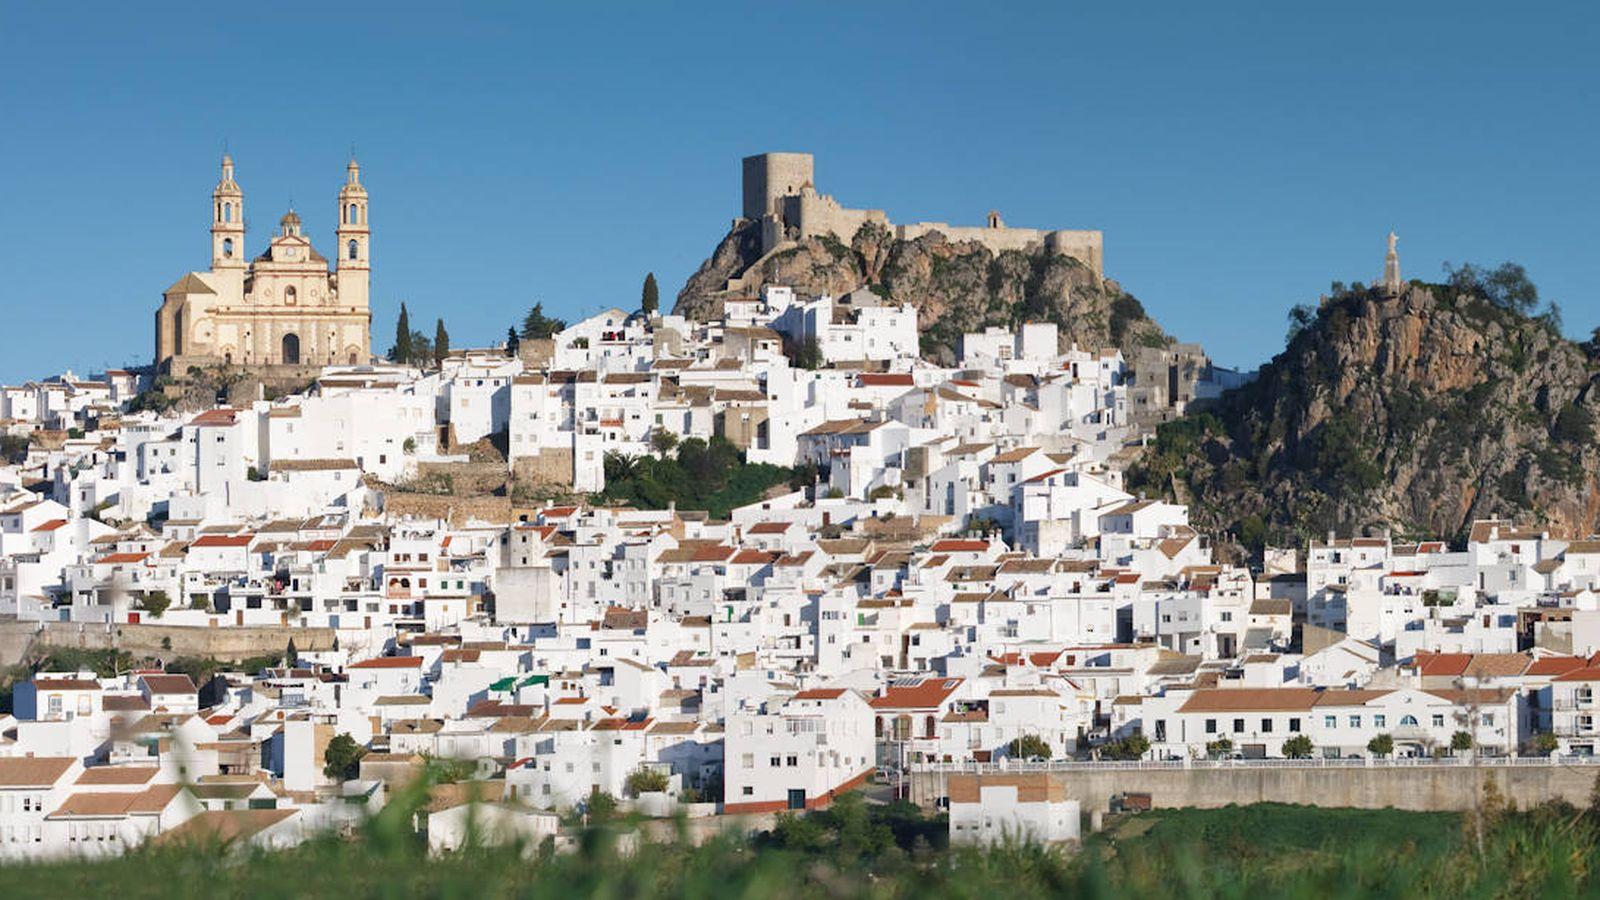 Foto: Olvera es blanco y monumental. (Cortesía Turismo Olvera)